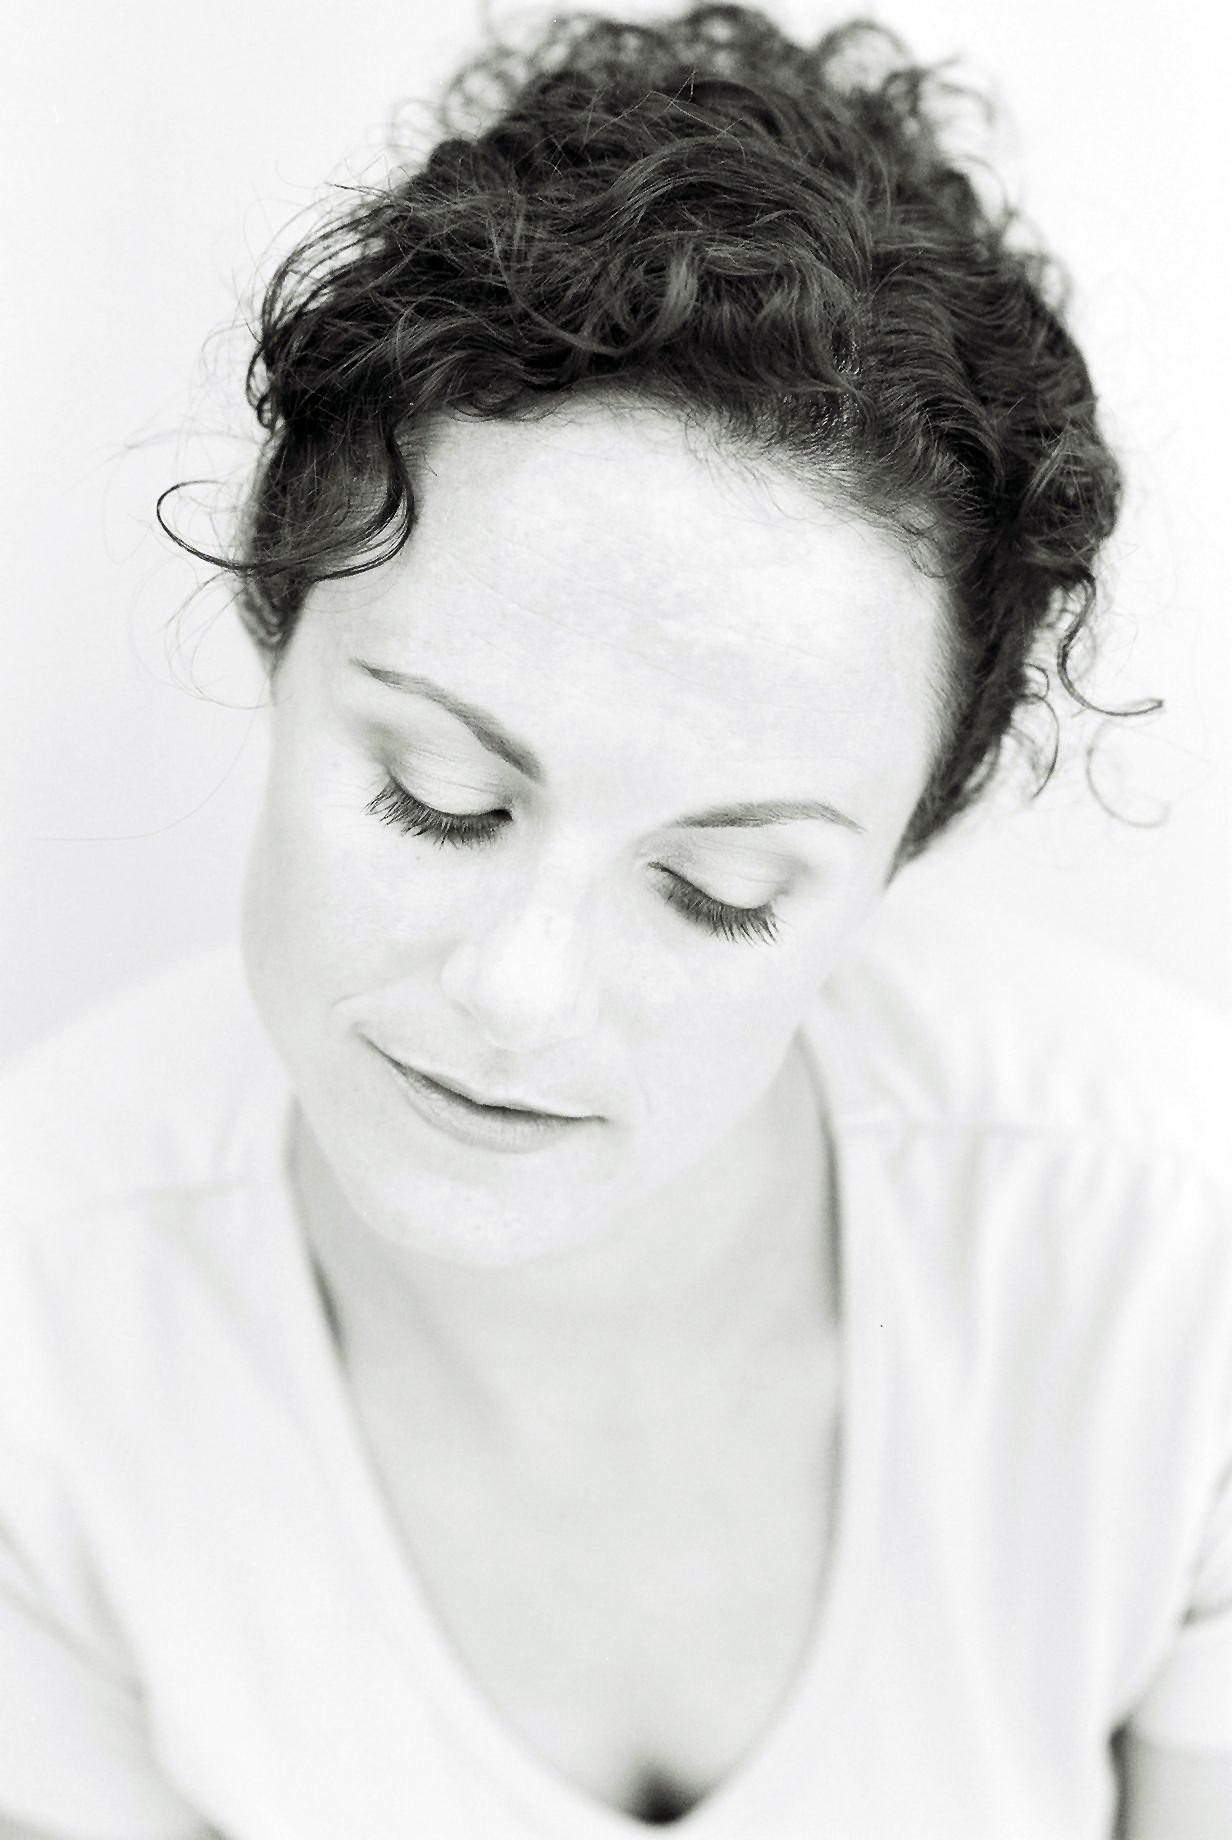 Krista Goncalves | Healing from adrenal fatigue